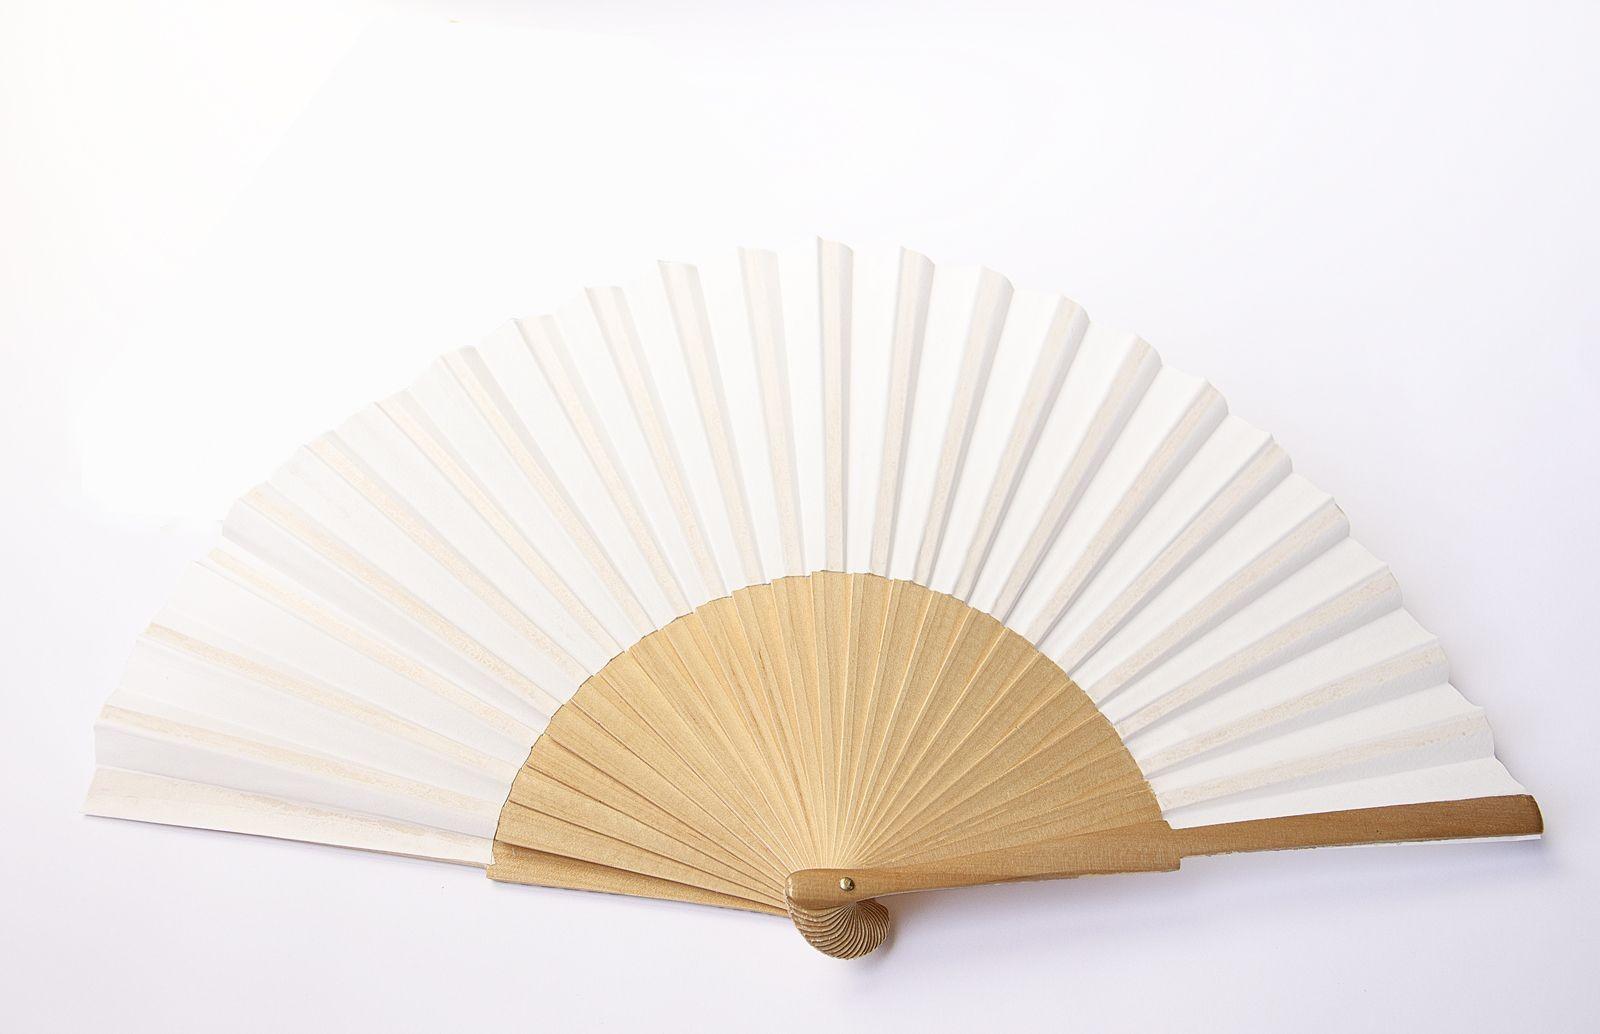 Abanico de seda habotai 10 color blanco natural, preparado para pintar y varillaje de sicomoro color natural de 22 cm de alto por 42 cm de ancho.Montados en España